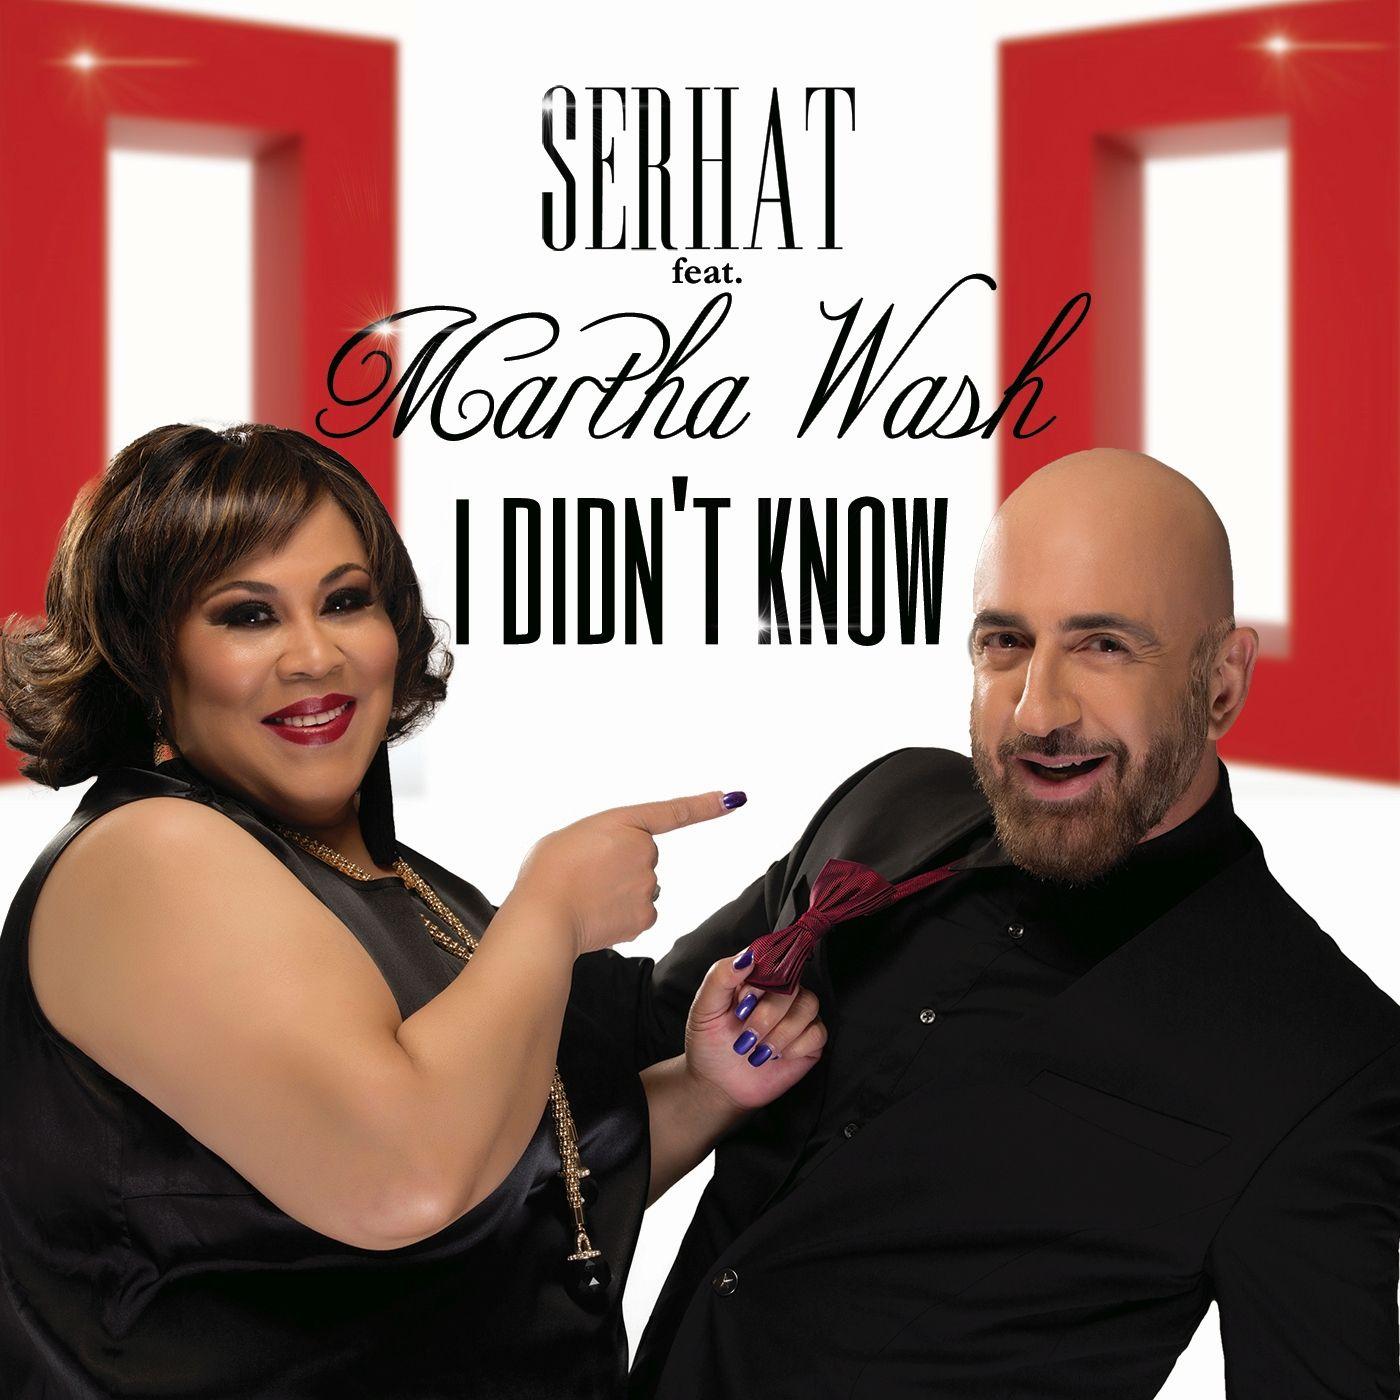 Serhat feat. Martha Wash